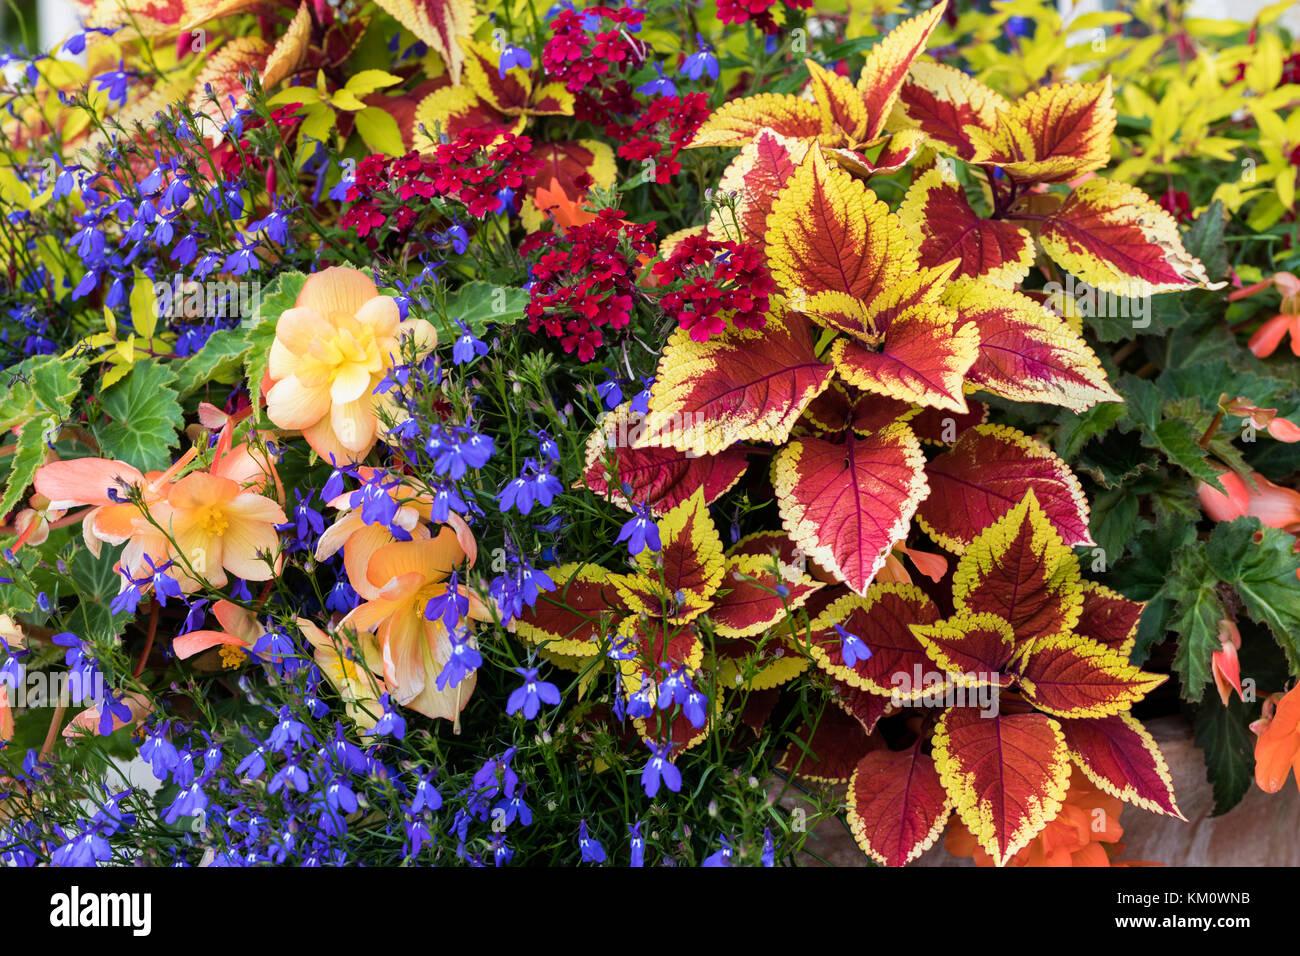 Nahaufnahme von einer sehr bunten Anzeige der Sommer Blumen und Laub gepflanzt in einem Container Stockbild